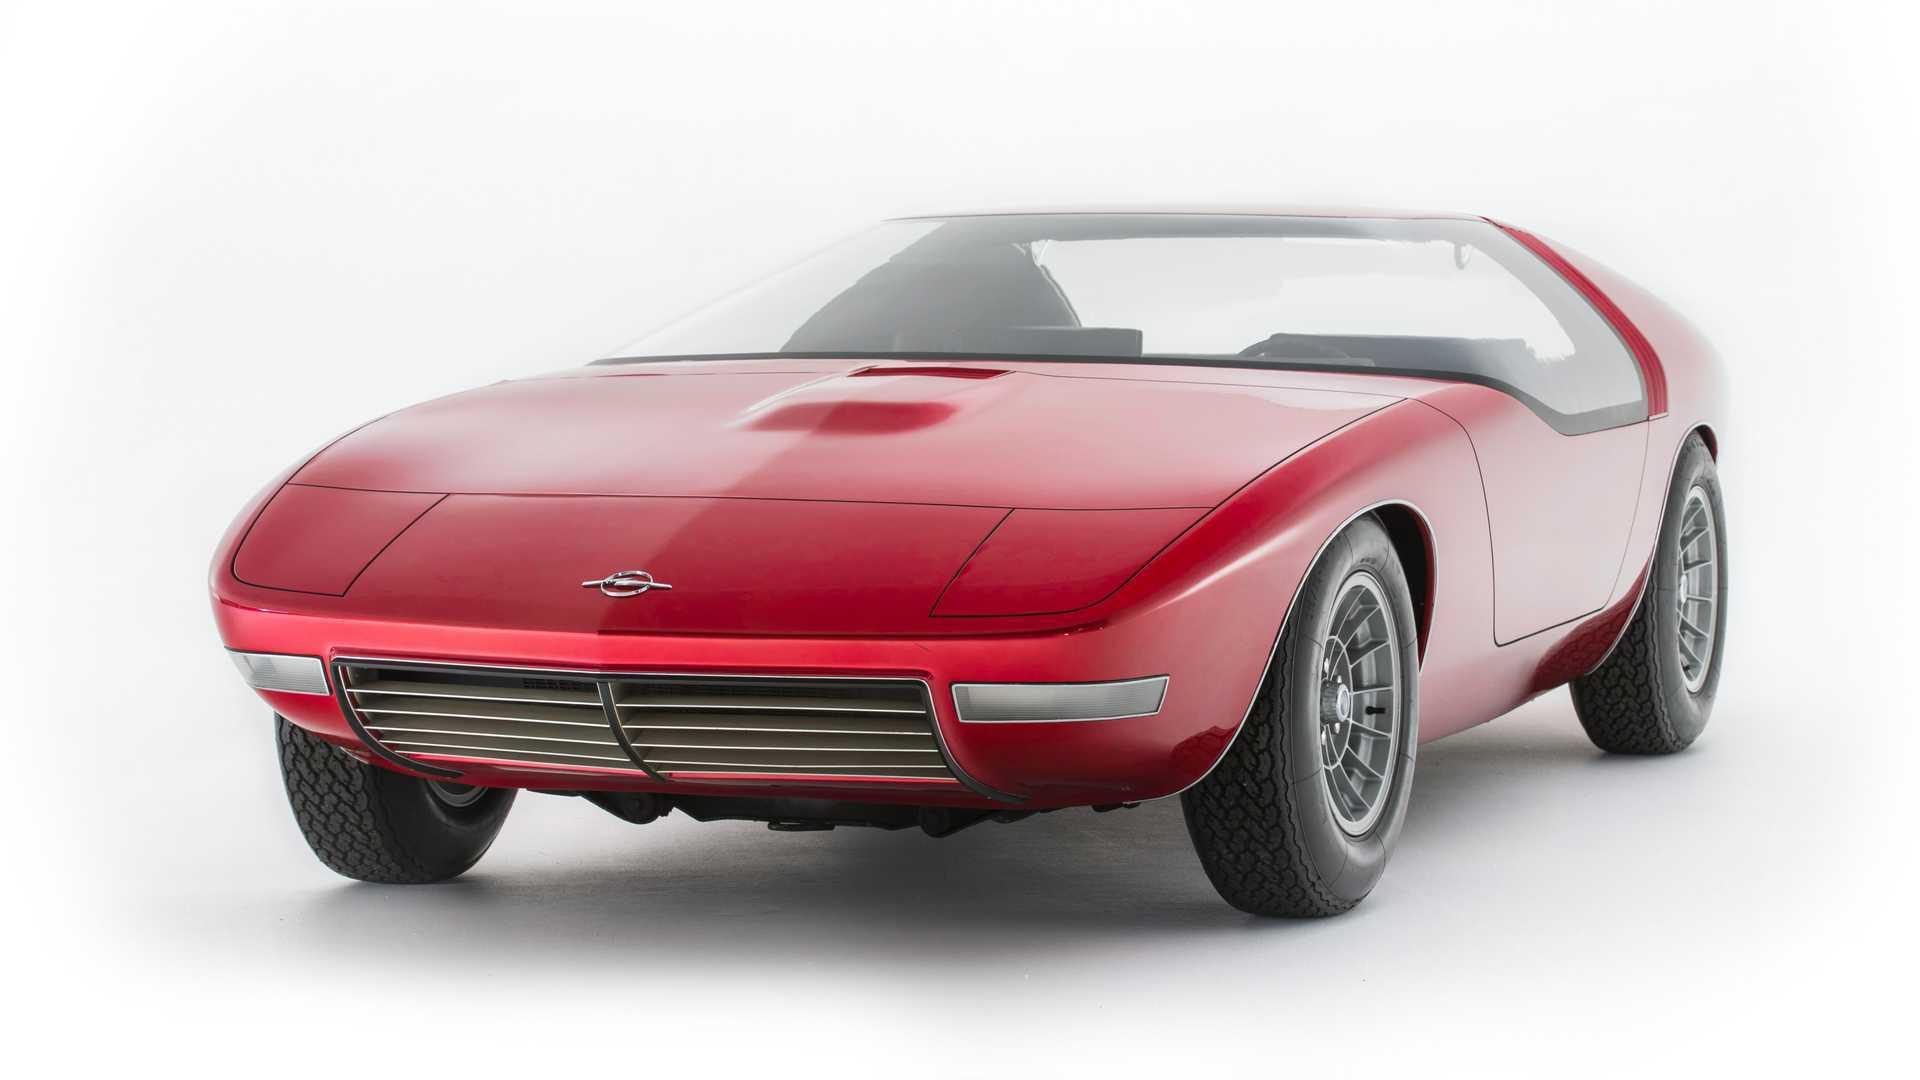 Concept oublié - Opel CD Concept (1969)